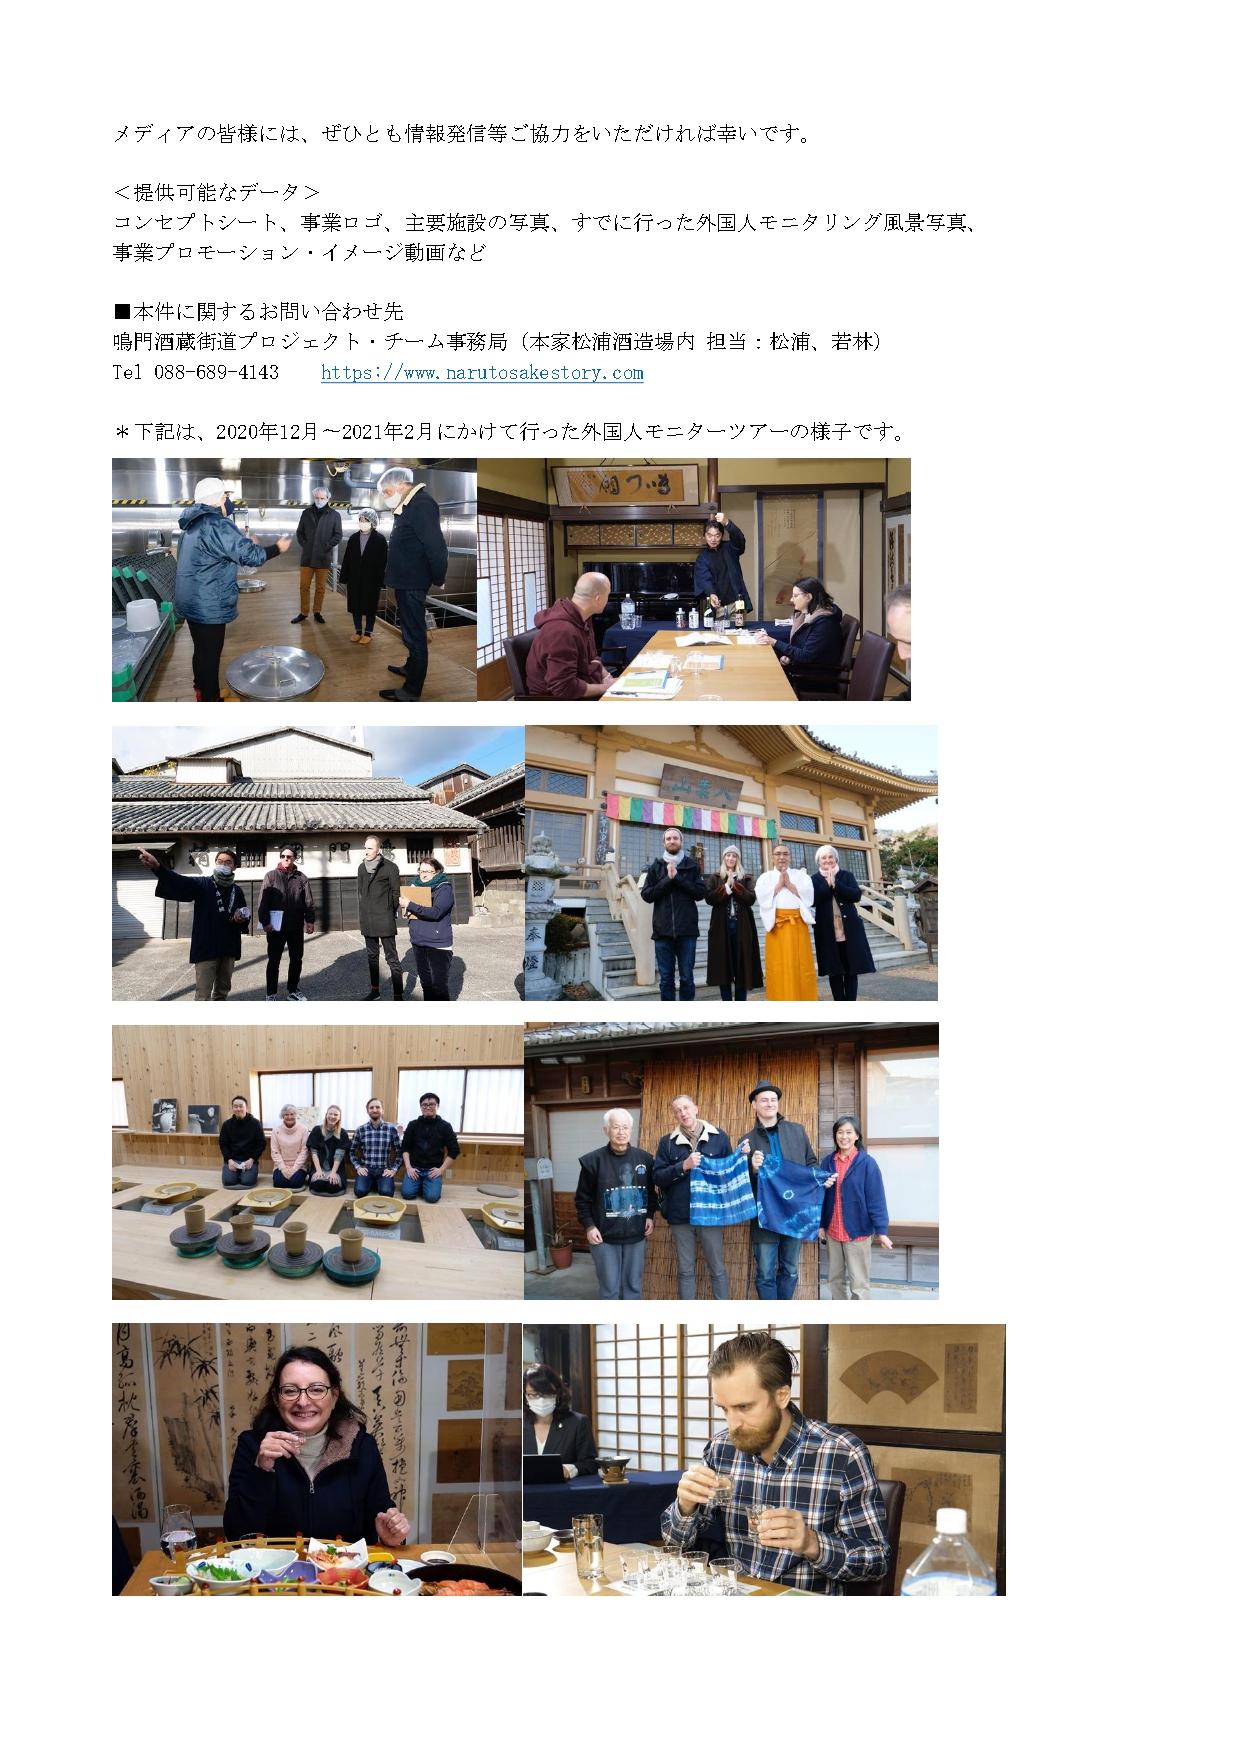 鳴門酒蔵街道PRESSRELEASEpage2